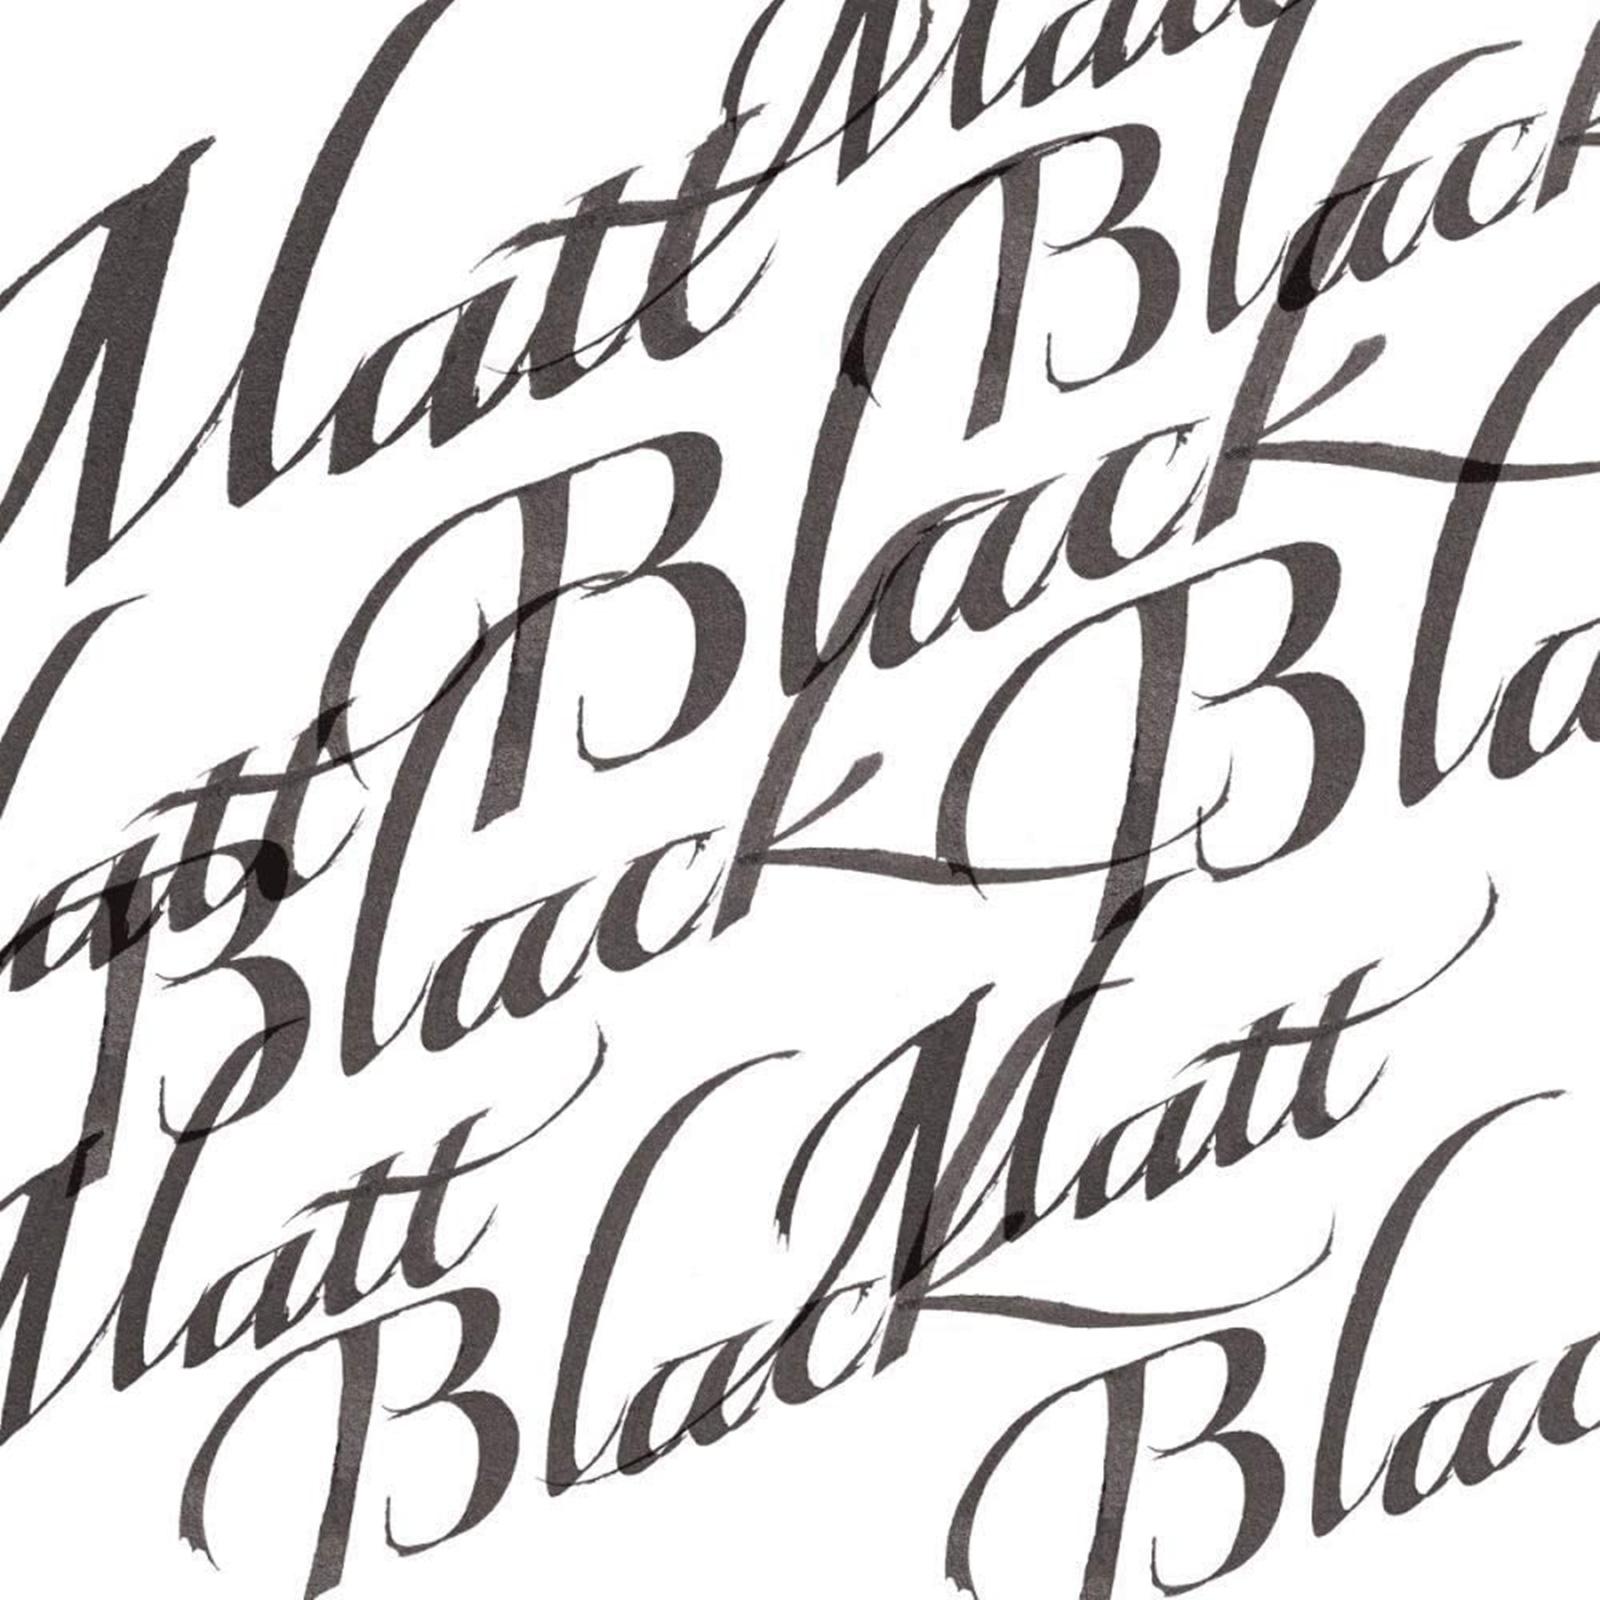 negru mat-cerneala